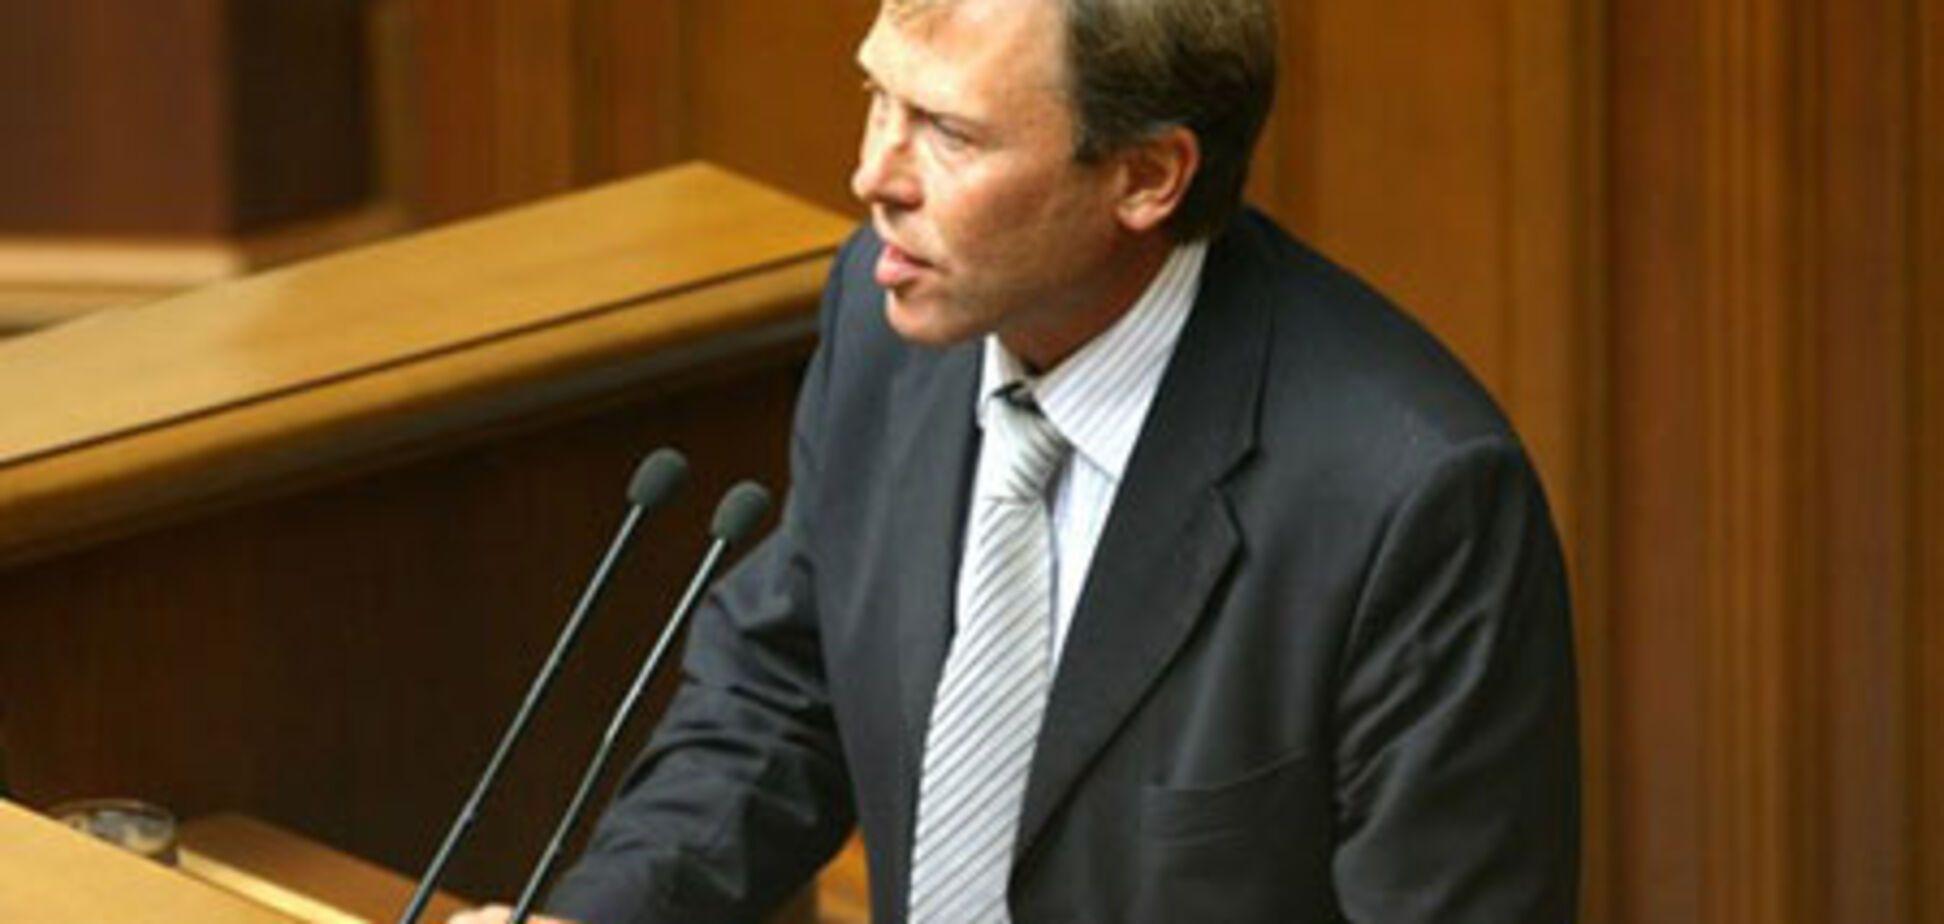 Януковича скоро не пускатимуть до Європи - депутат БЮТ